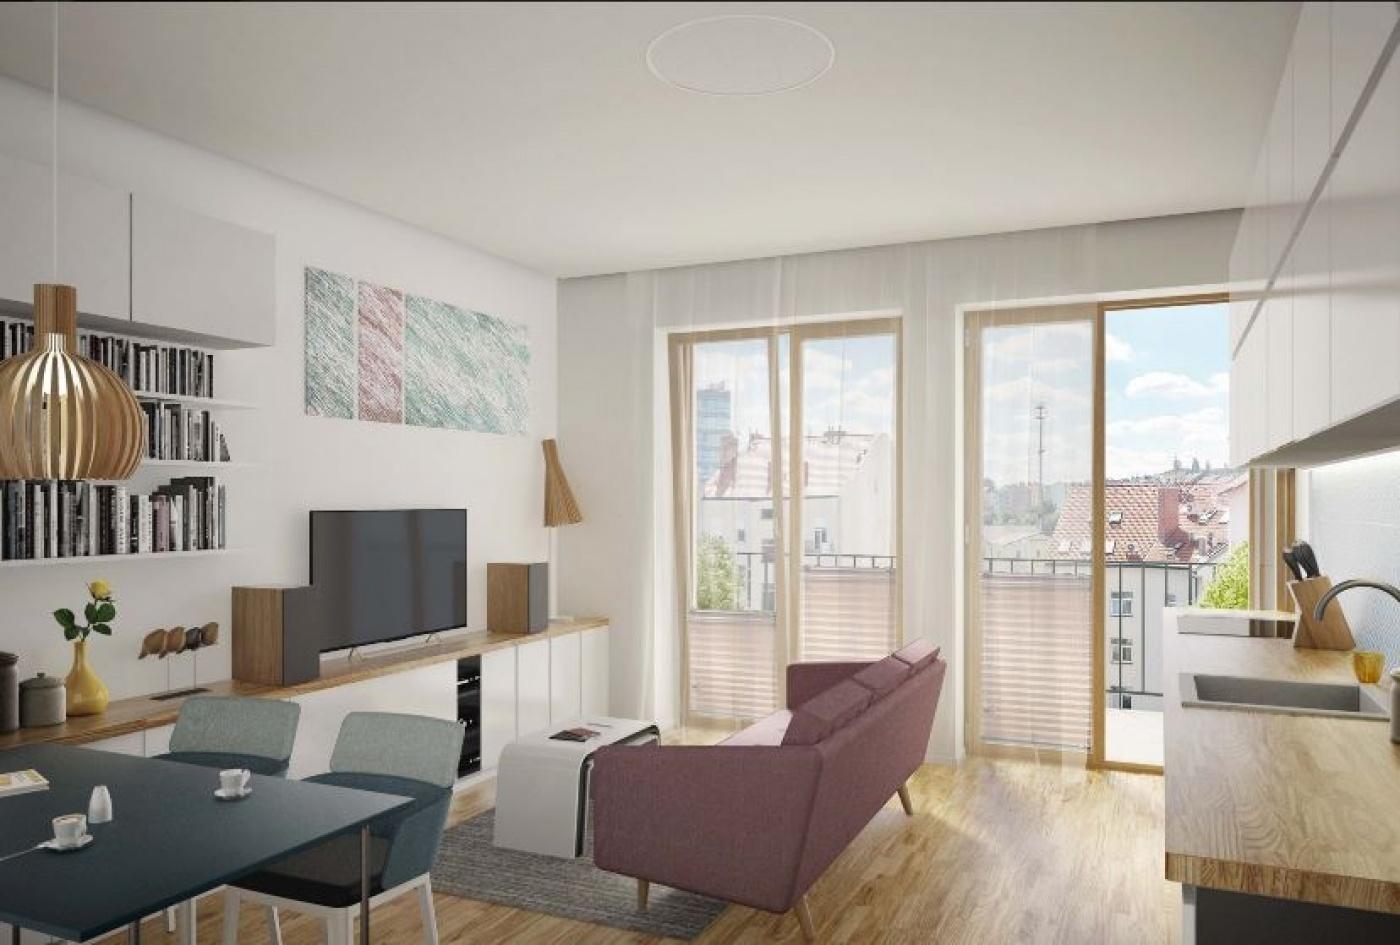 Půdní byt 2+kk, plocha 77 m², ulice Lihovarská, Praha 9 - Libeň, cena 6 117 000 Kč | 4